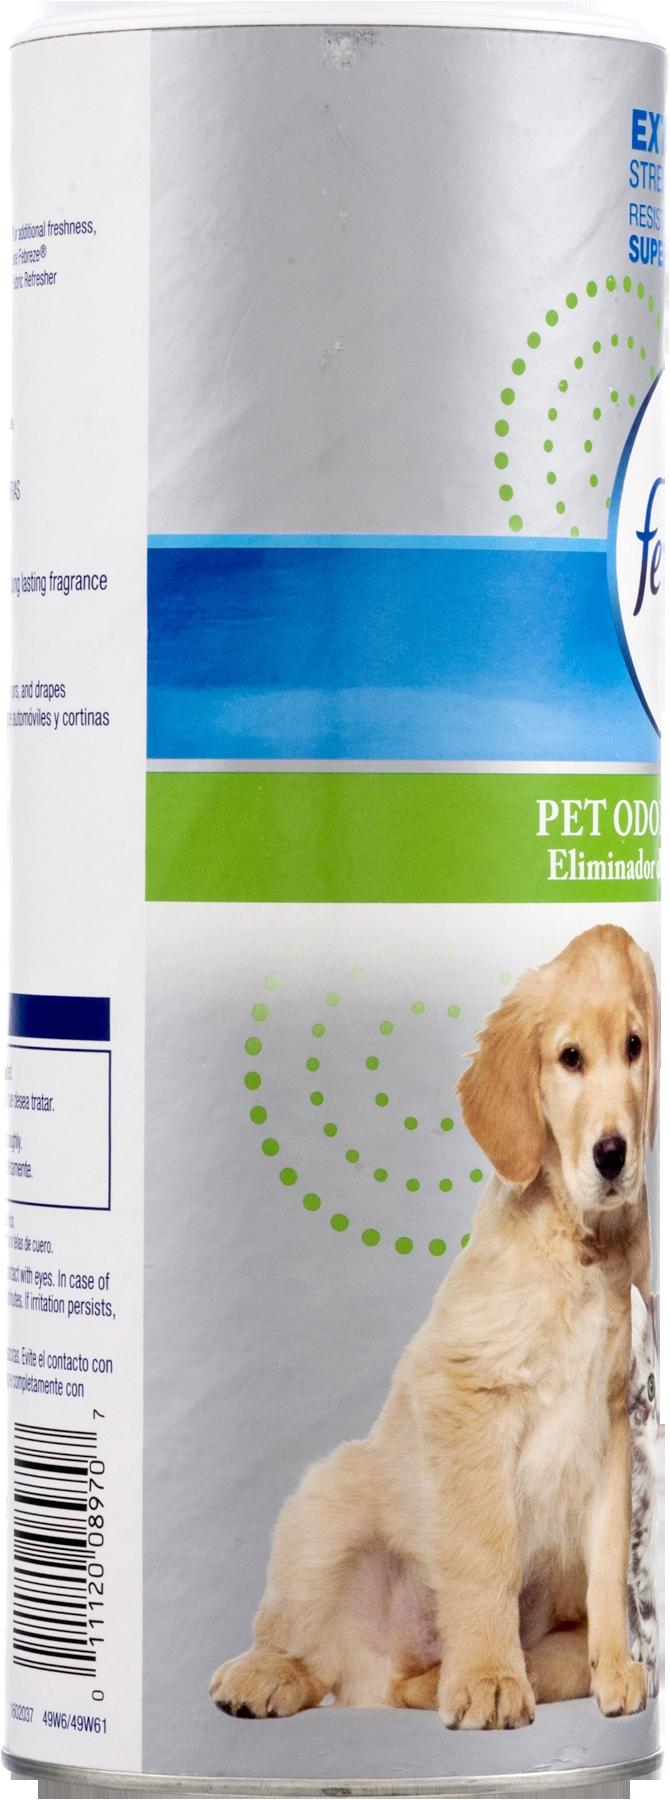 bissell febreze extra strength pet odor eliminator room and carpet deodorizing powder 32 ounce walmart com